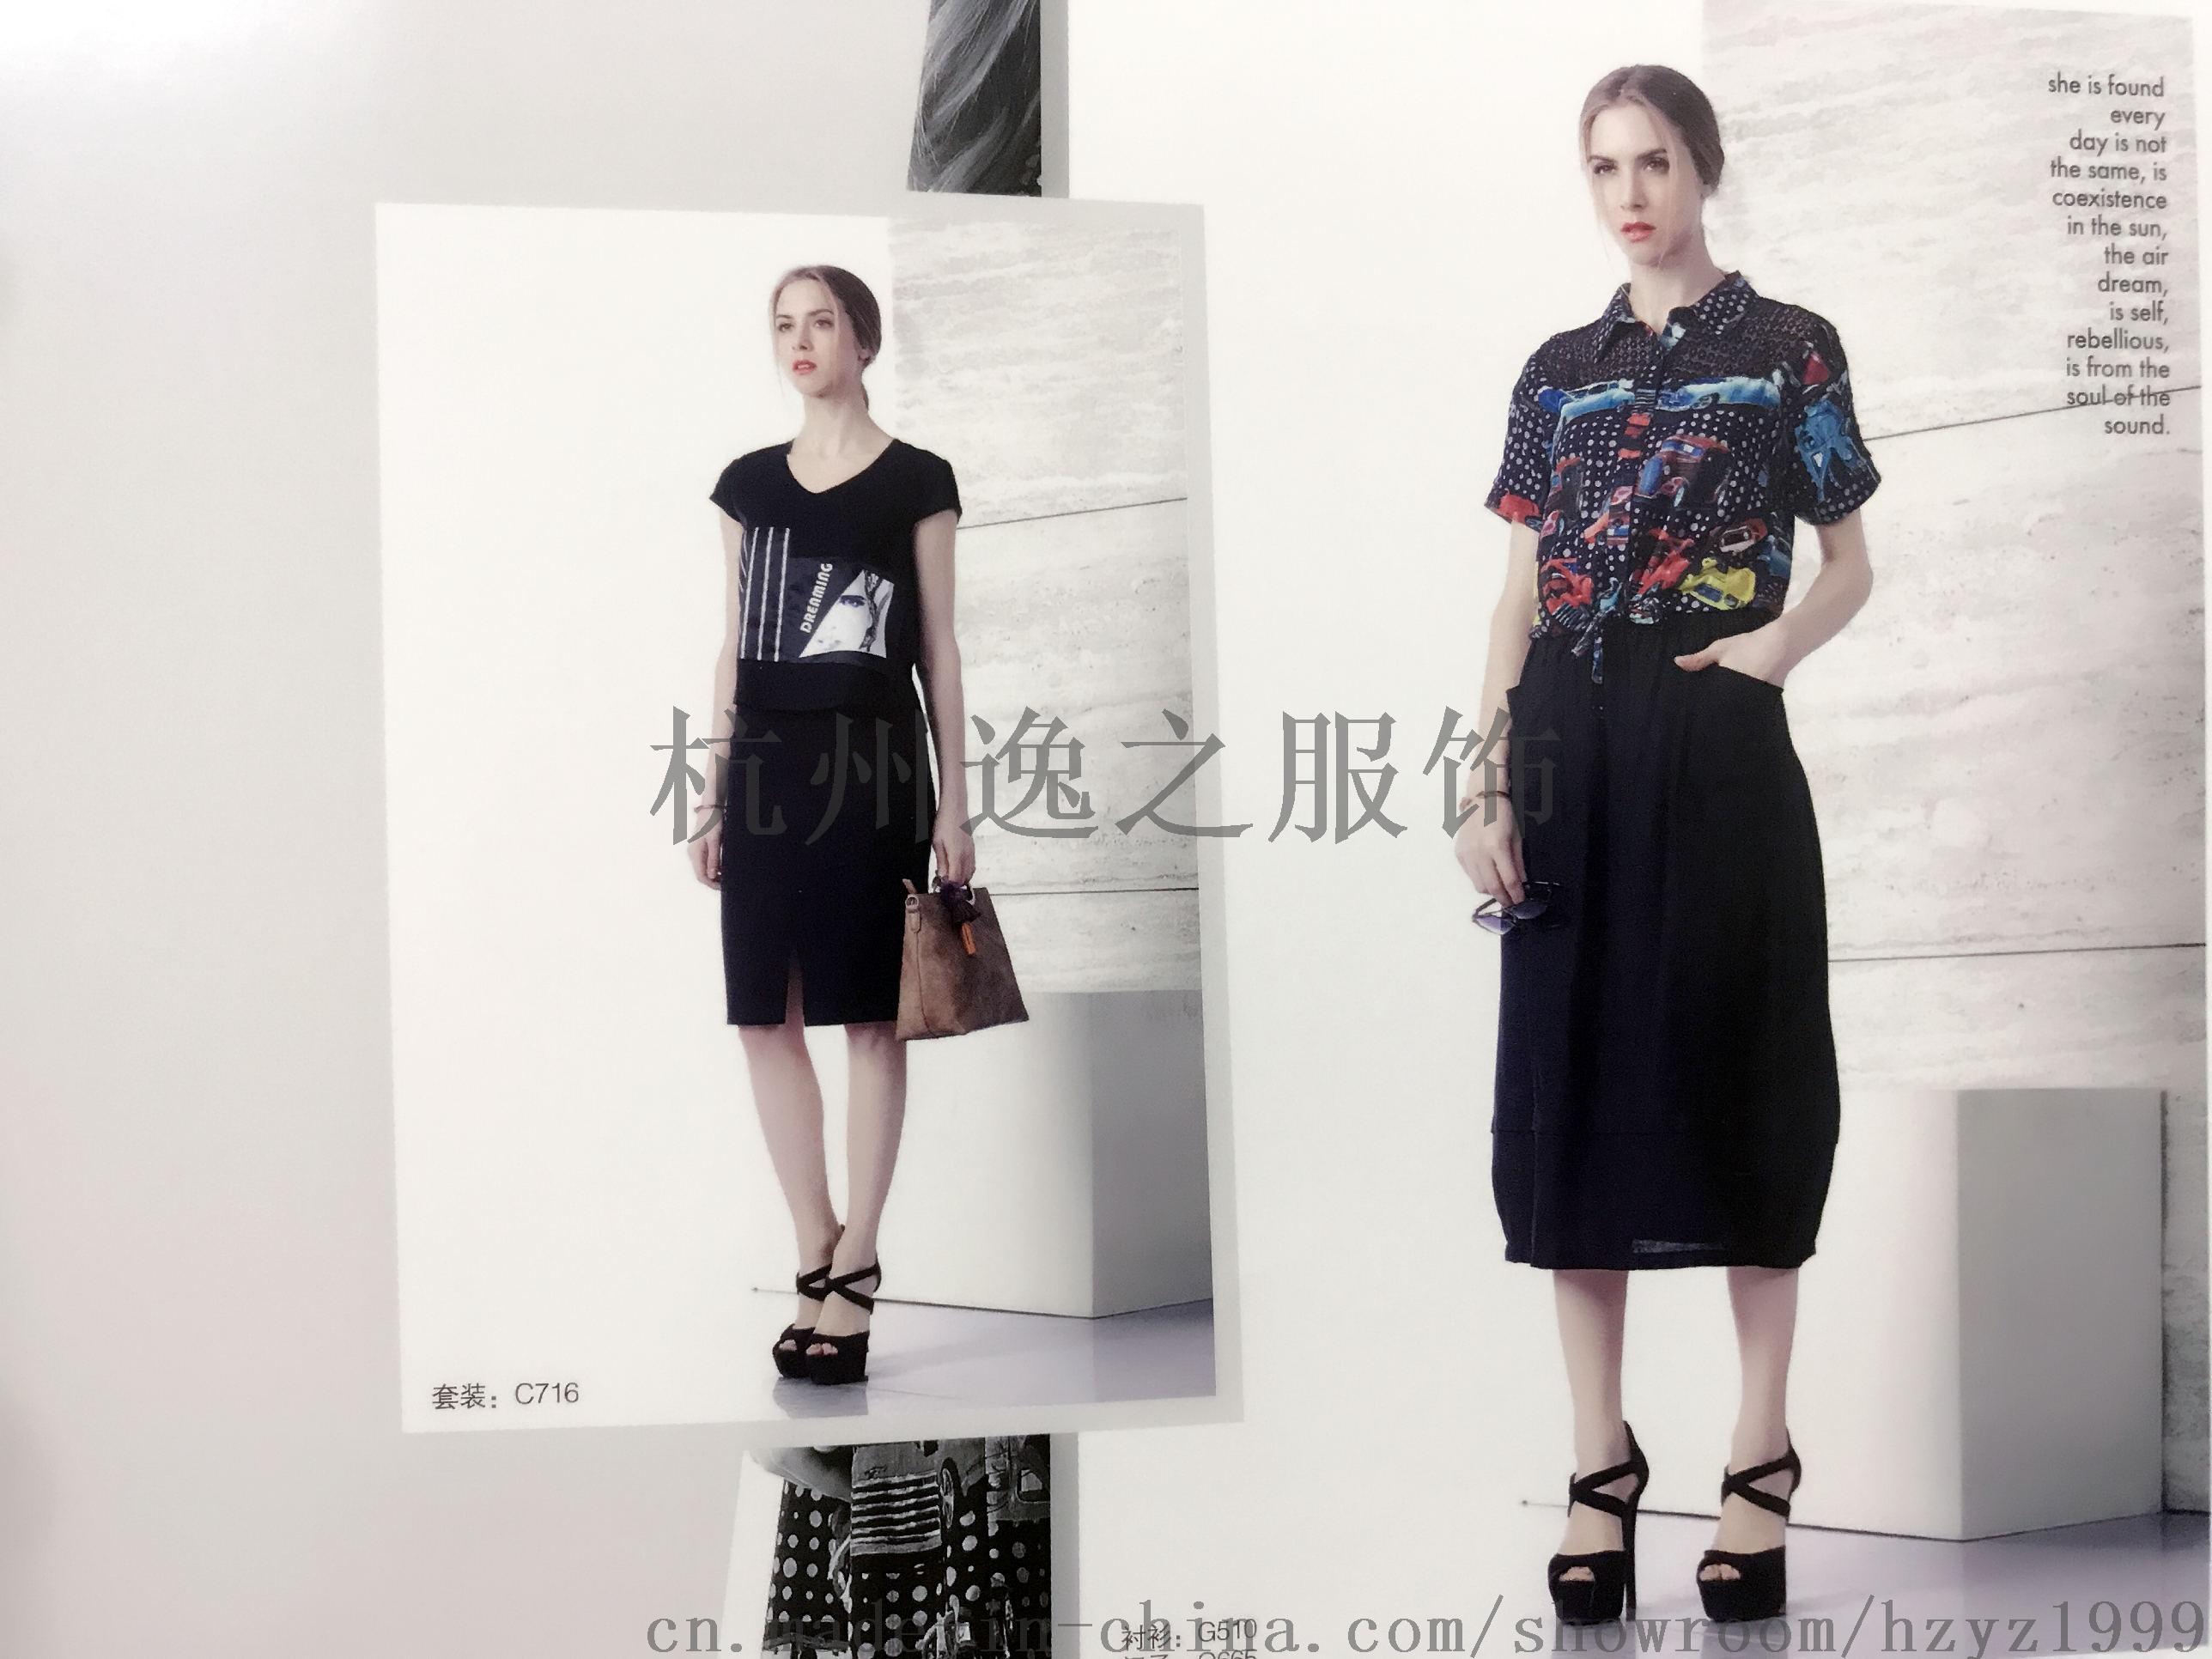 杭州名泽女装厂服装_服装库存艾蜜雪广州女装批发市场杭州品牌折扣女装加盟